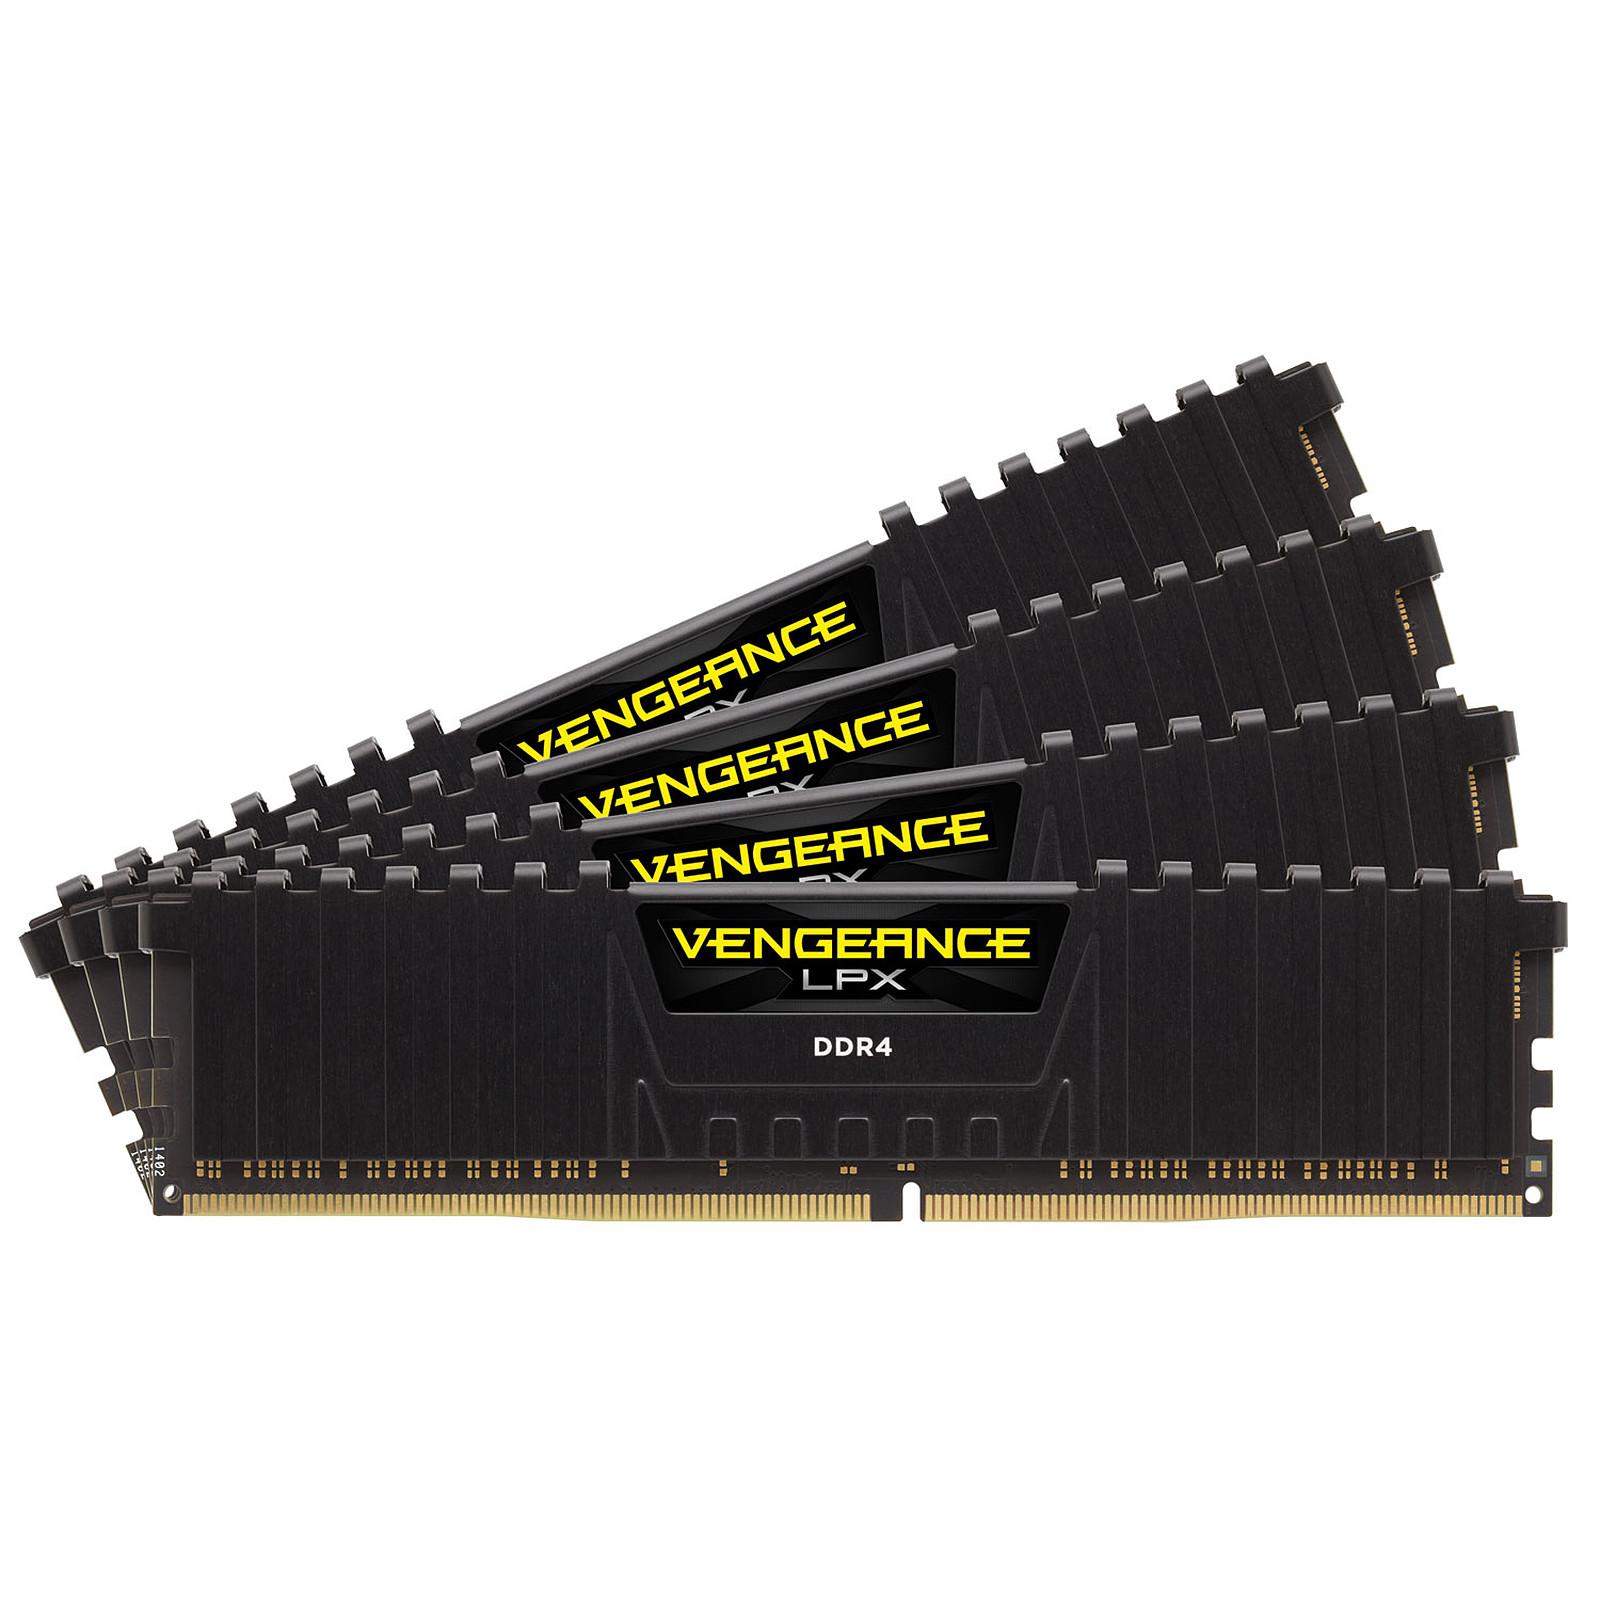 Corsair Vengeance LPX Series Low Profile 64GB (4x 16GB) DDR4 3333 MHz CL16